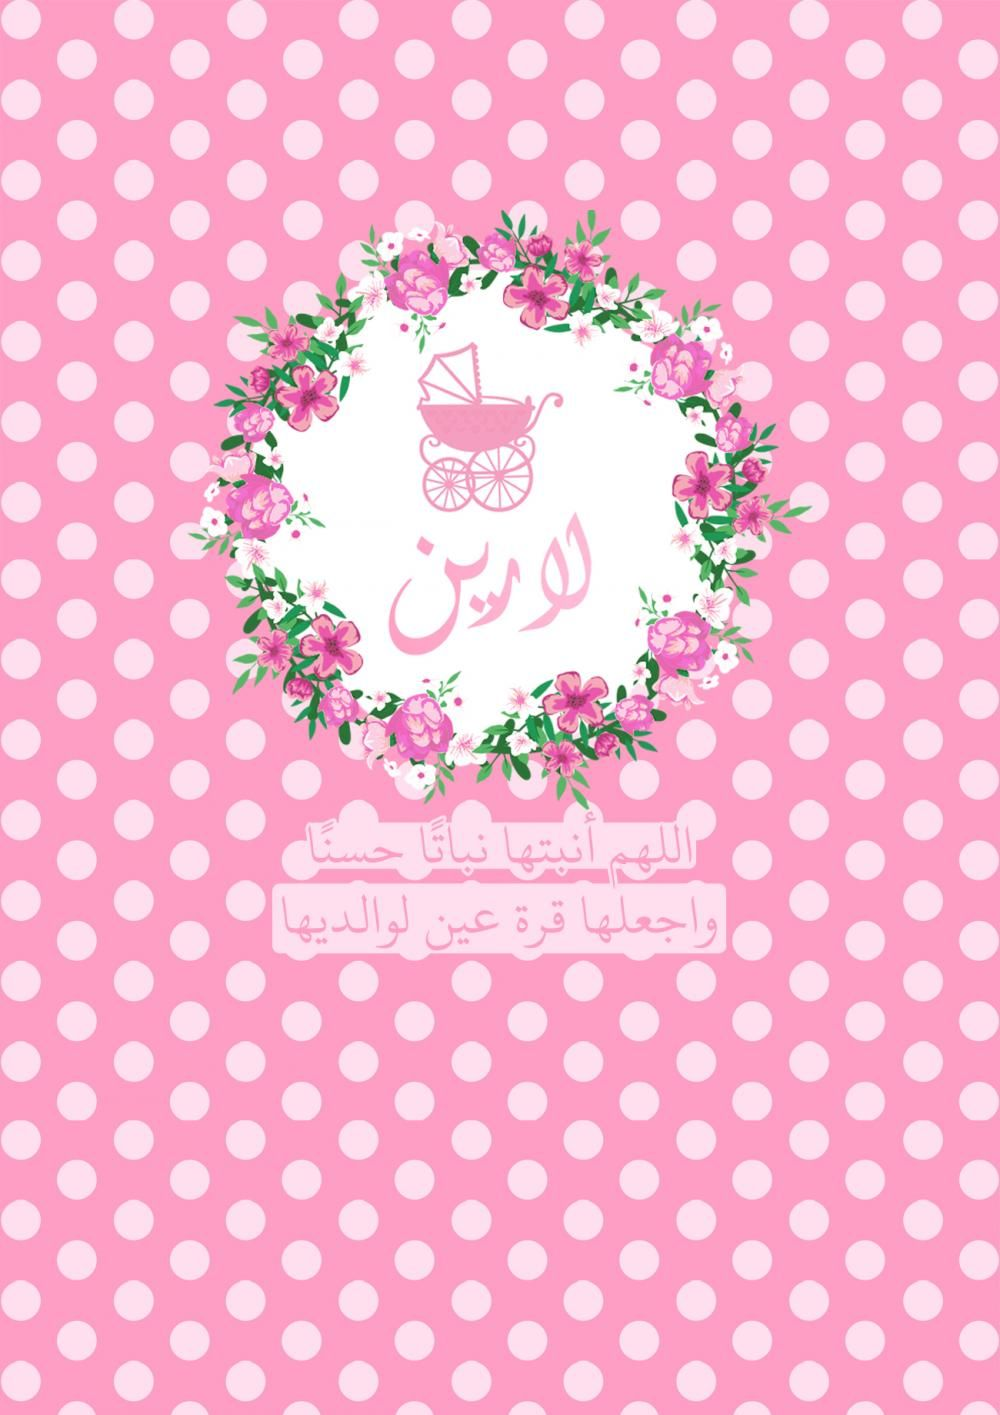 معنى اسم لارين صفات اسم لارين صور مكتوب عليها اسم لارين Check More At Https Www Mogtm3k Com D9 85 D8 B9 D9 86 D9 89 Floral Invitation Prints Wallpaper